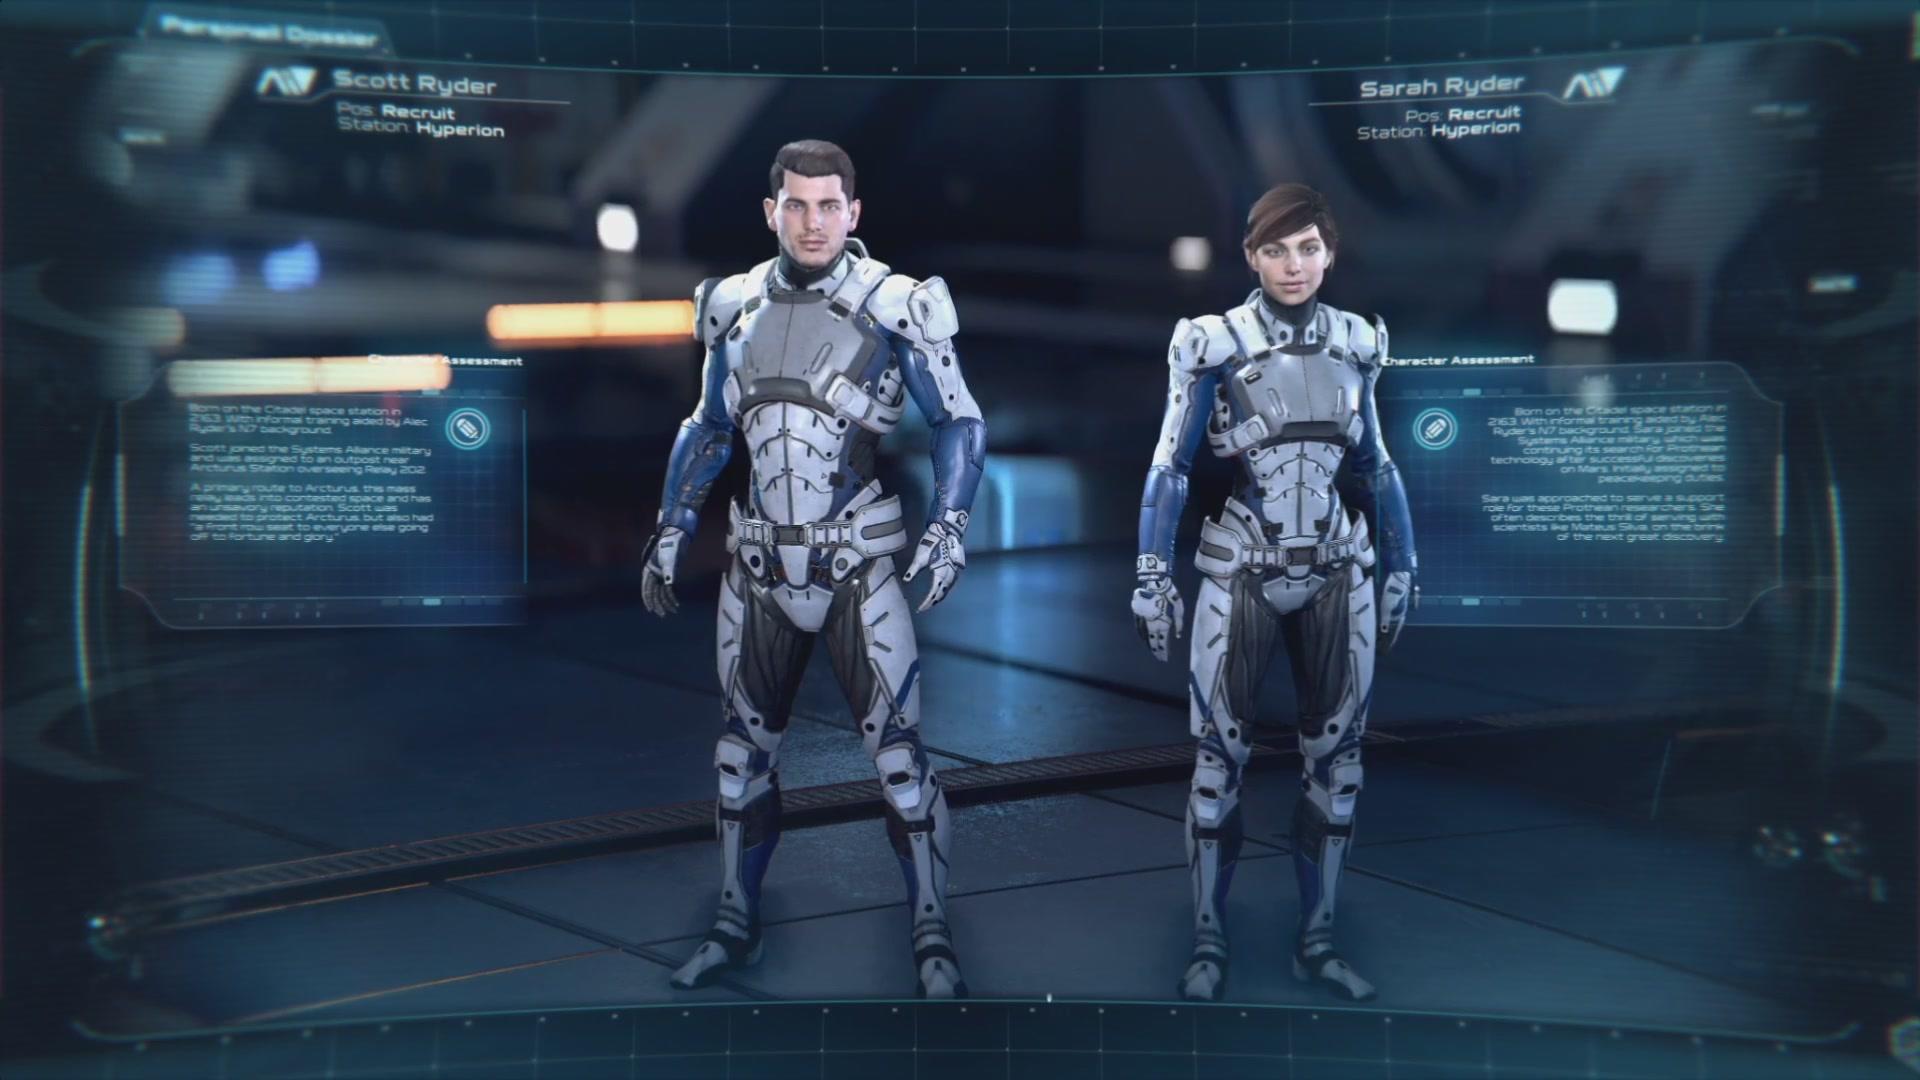 Скотт и Сара Райдеры в инструктаже Andromeda Initiative